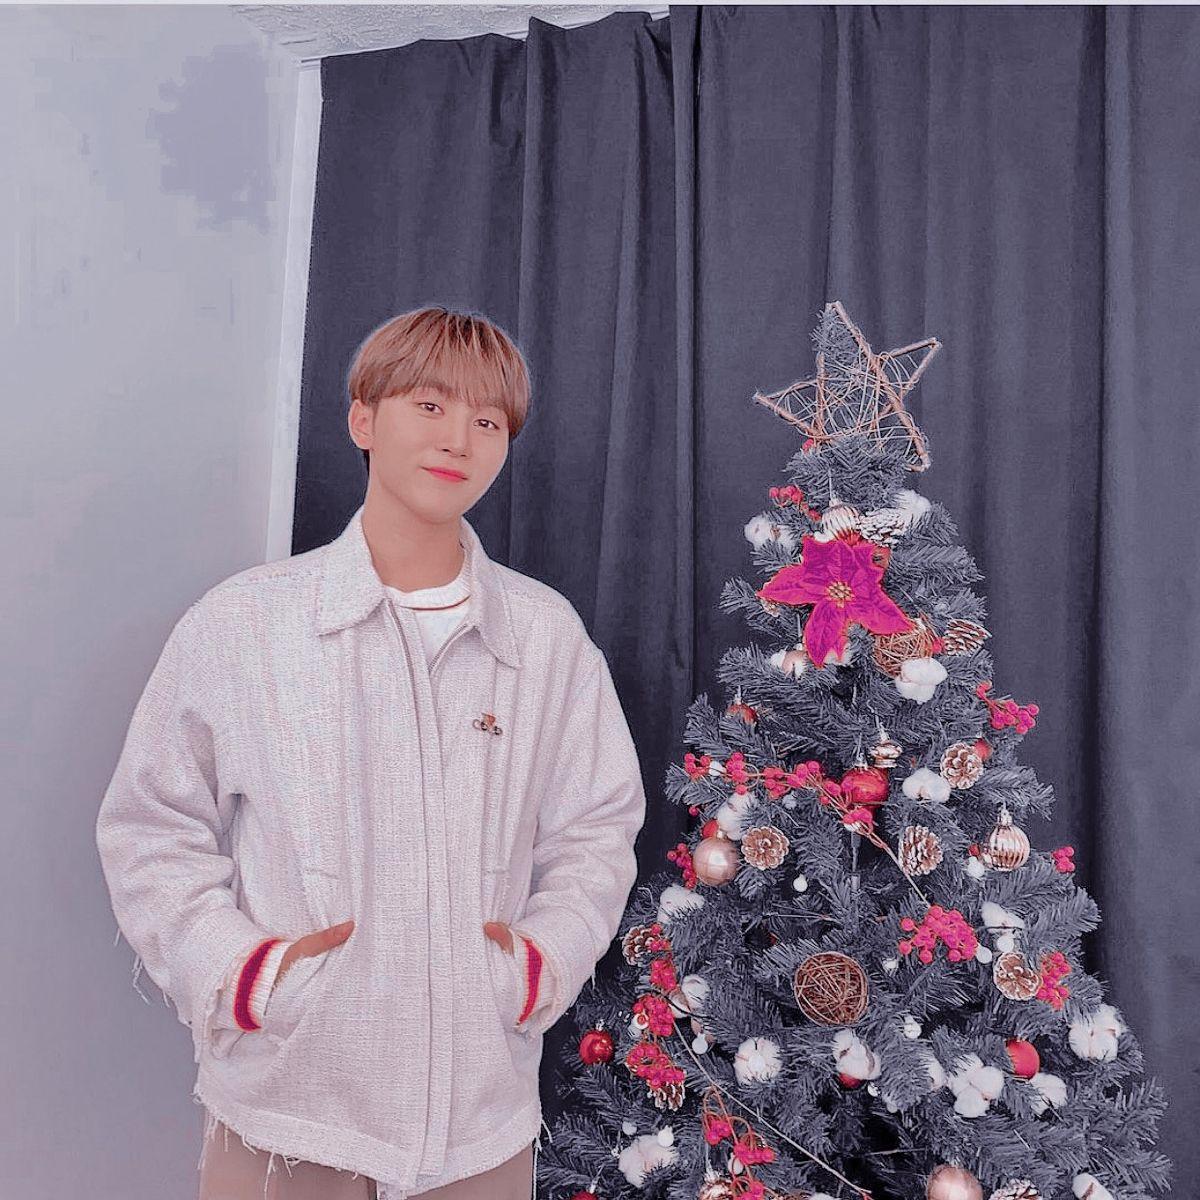 Seungkwan Christmas Aesthetic Photos Seventeen Christmas Aesthetic Christmas Aesthetic Photo